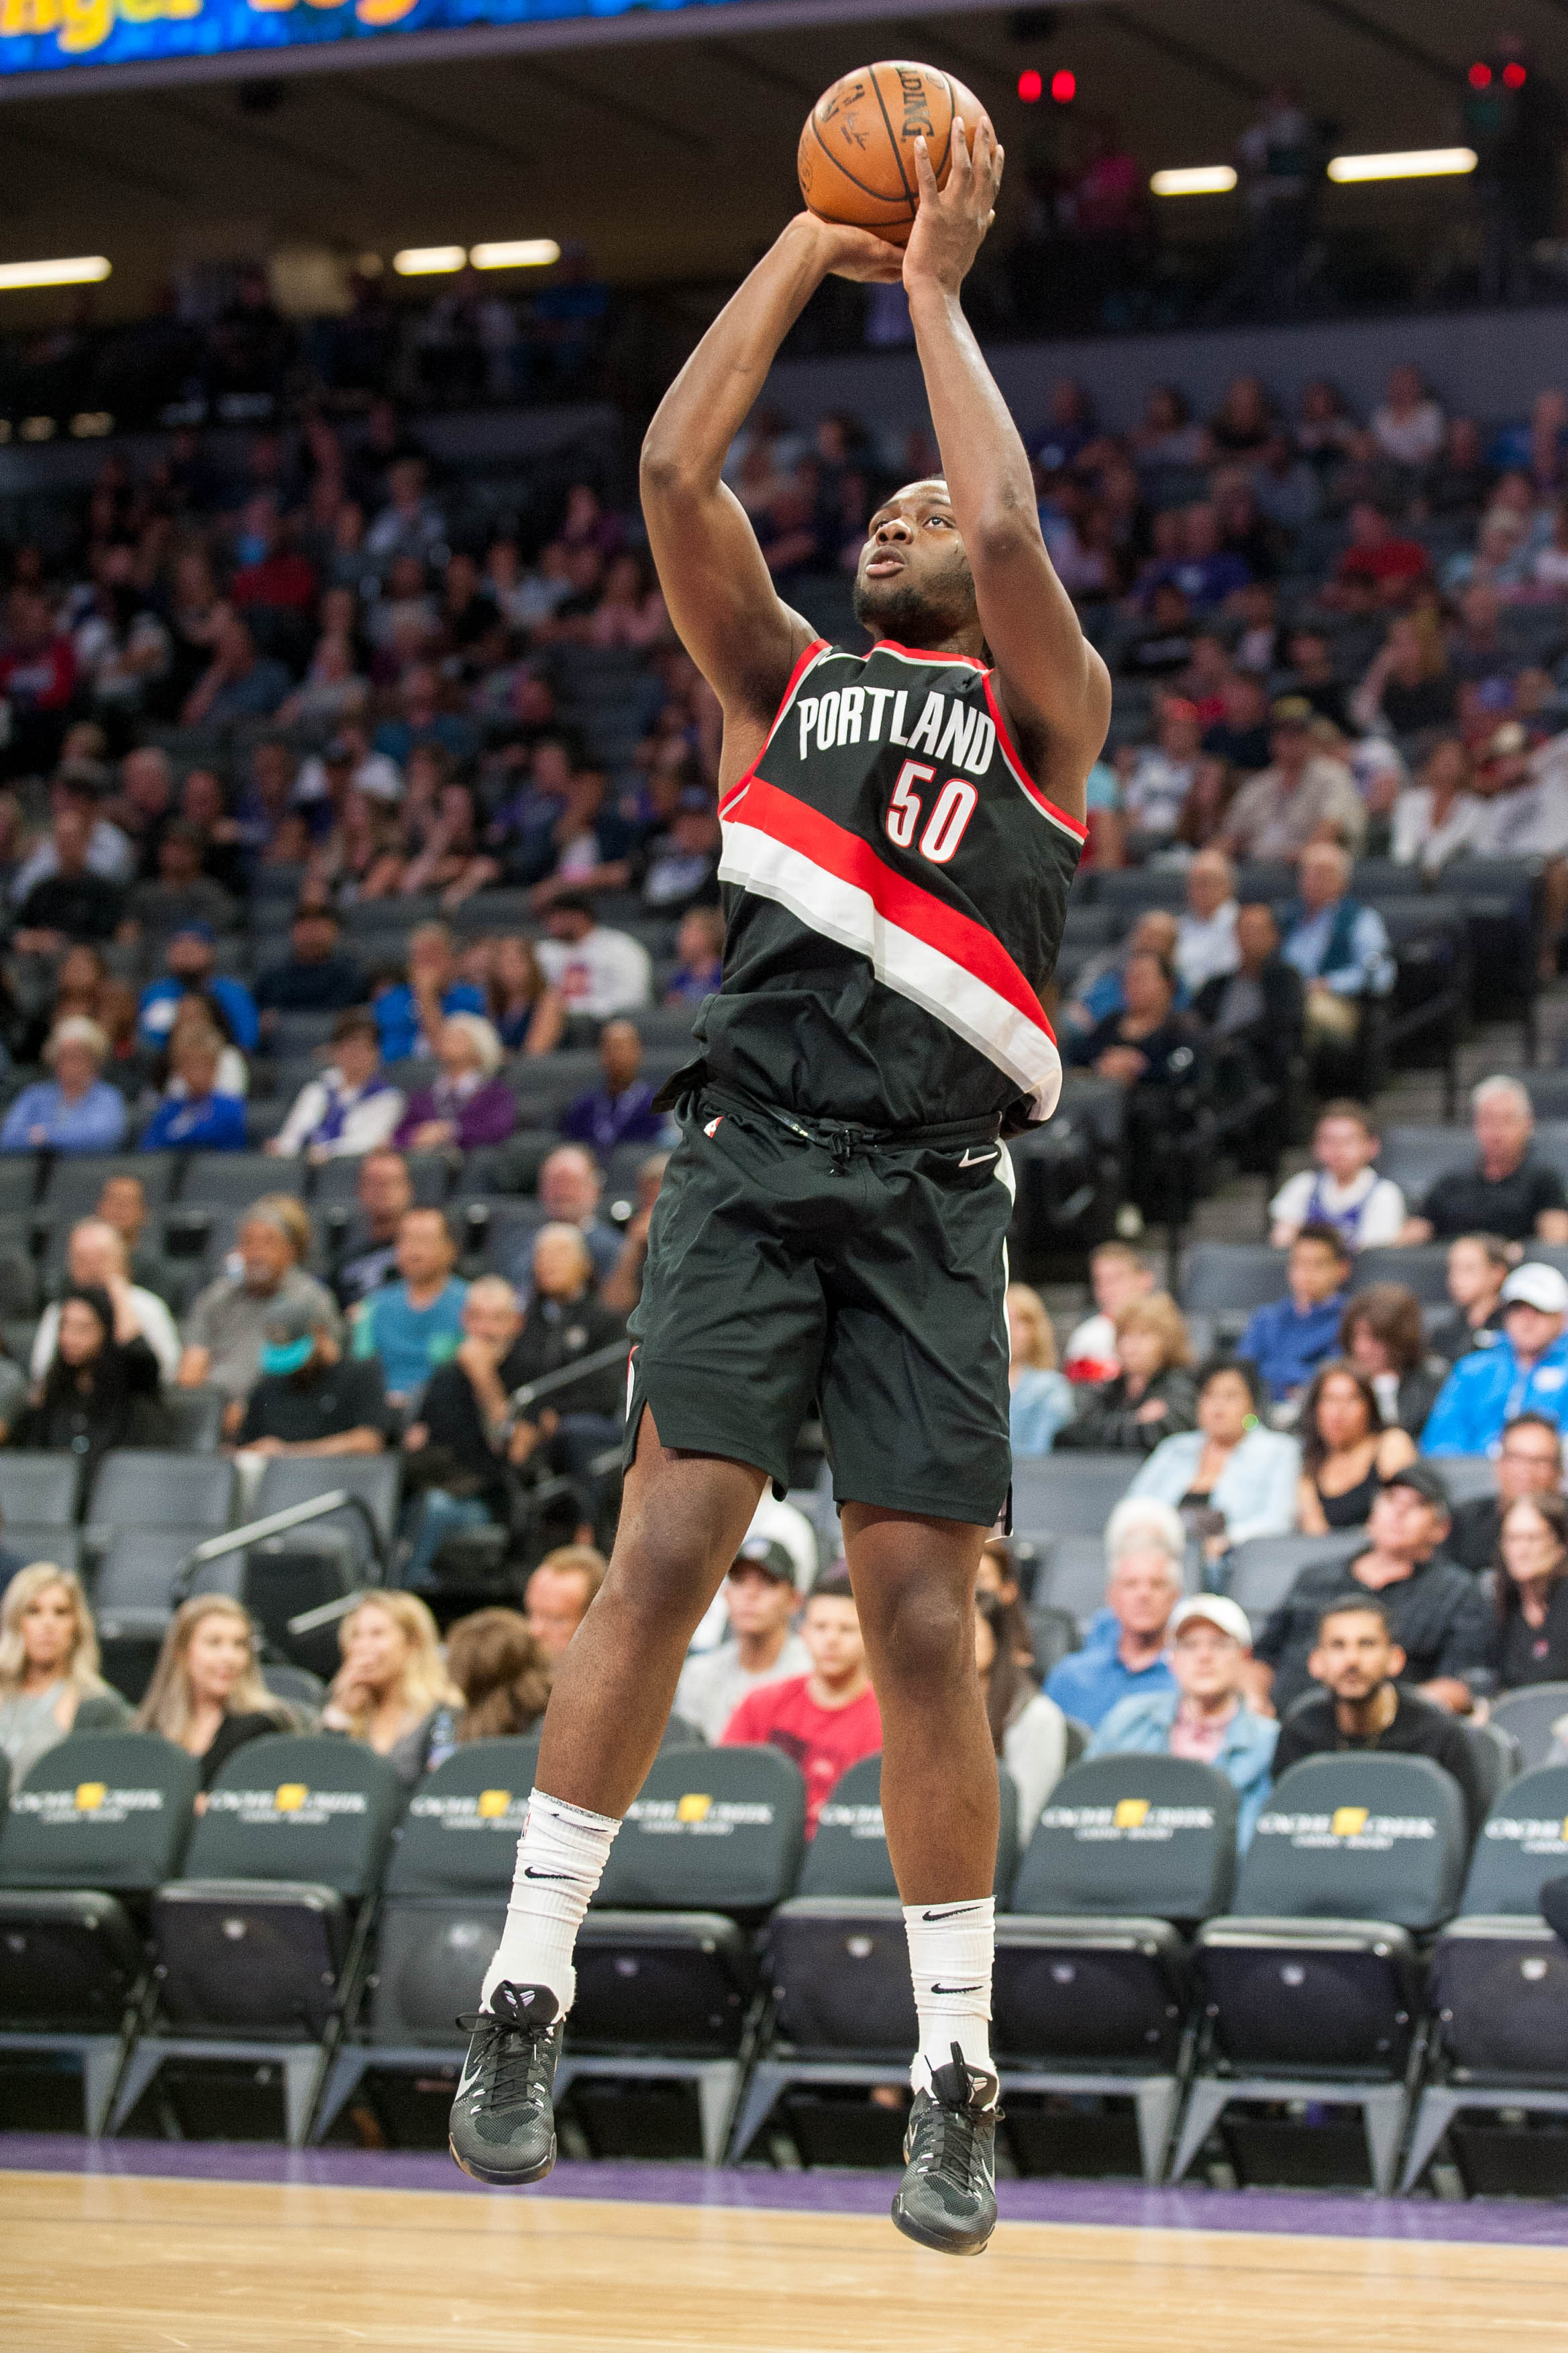 NBA: Preseason-Portland Trail Blazers at Sacramento Kings